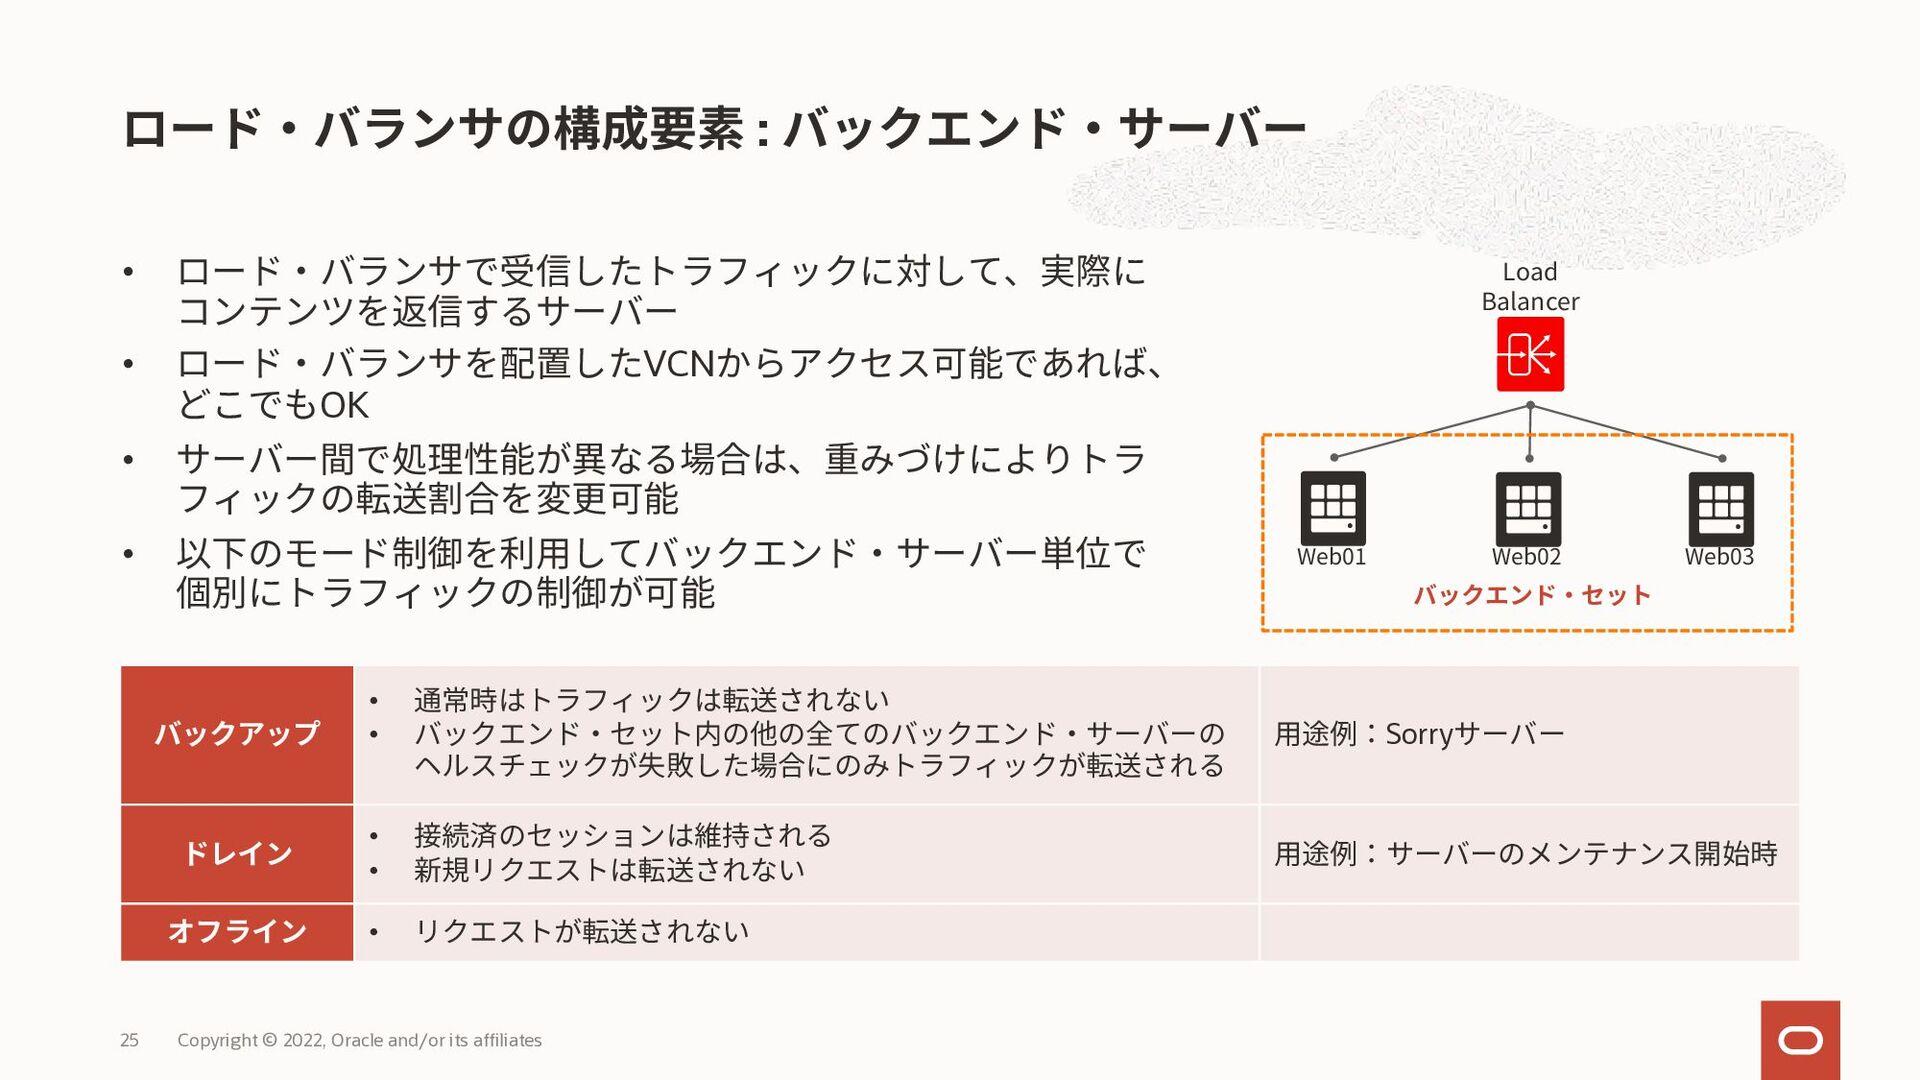 日本語マニュアル – ロード・バランシング • https://docs.oracle.com...